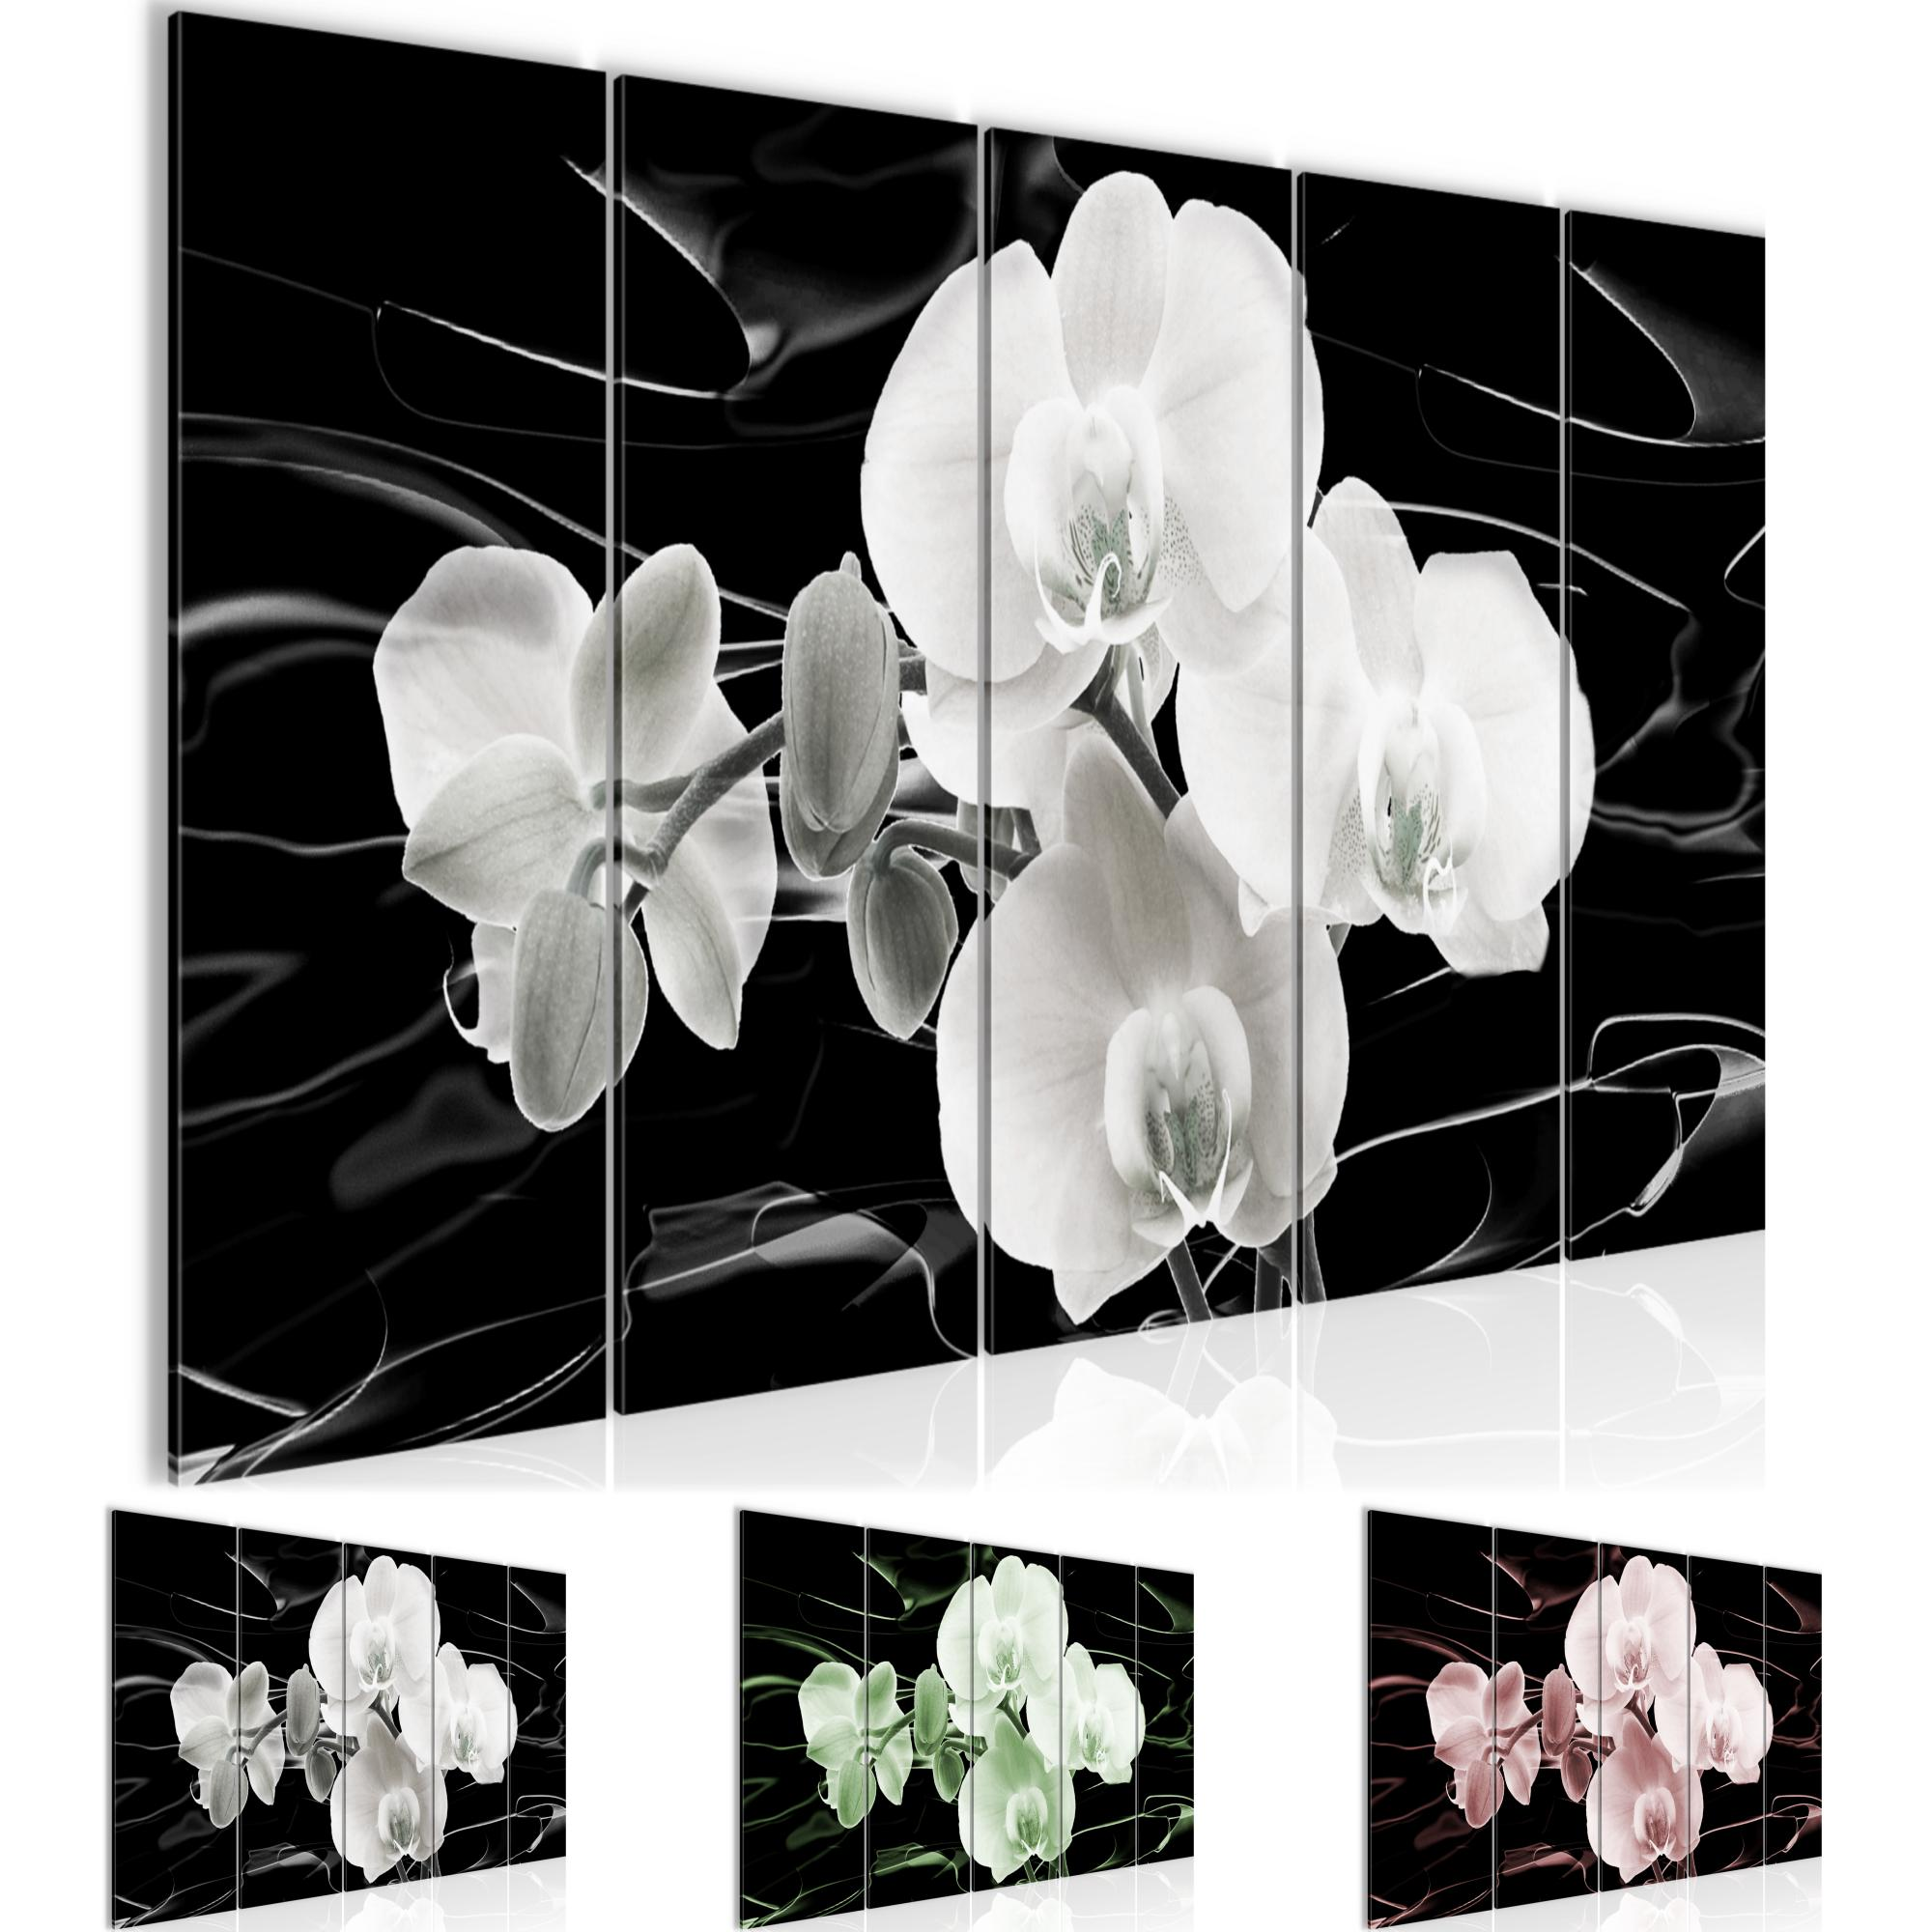 Deko Kunstdruck Leinwand aus Vlies Blumen Orchidee Bild Bilder Wandbild XXL